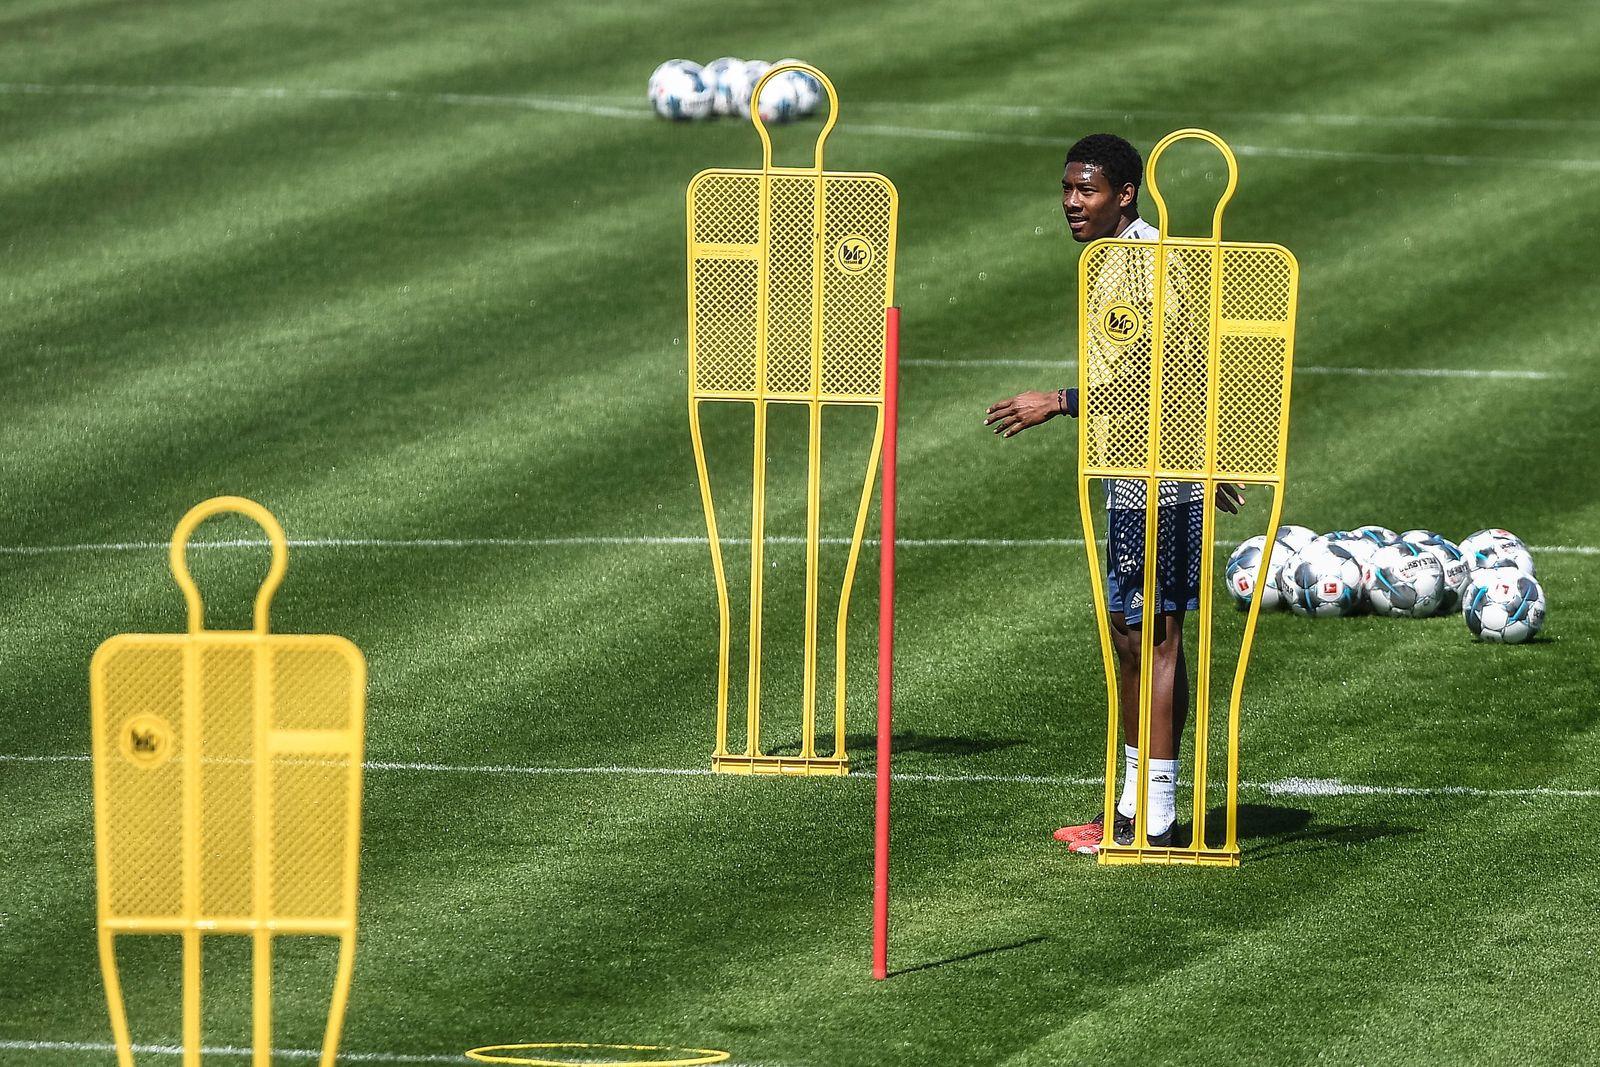 Bayern Munich training, Germany - 06 May 2020